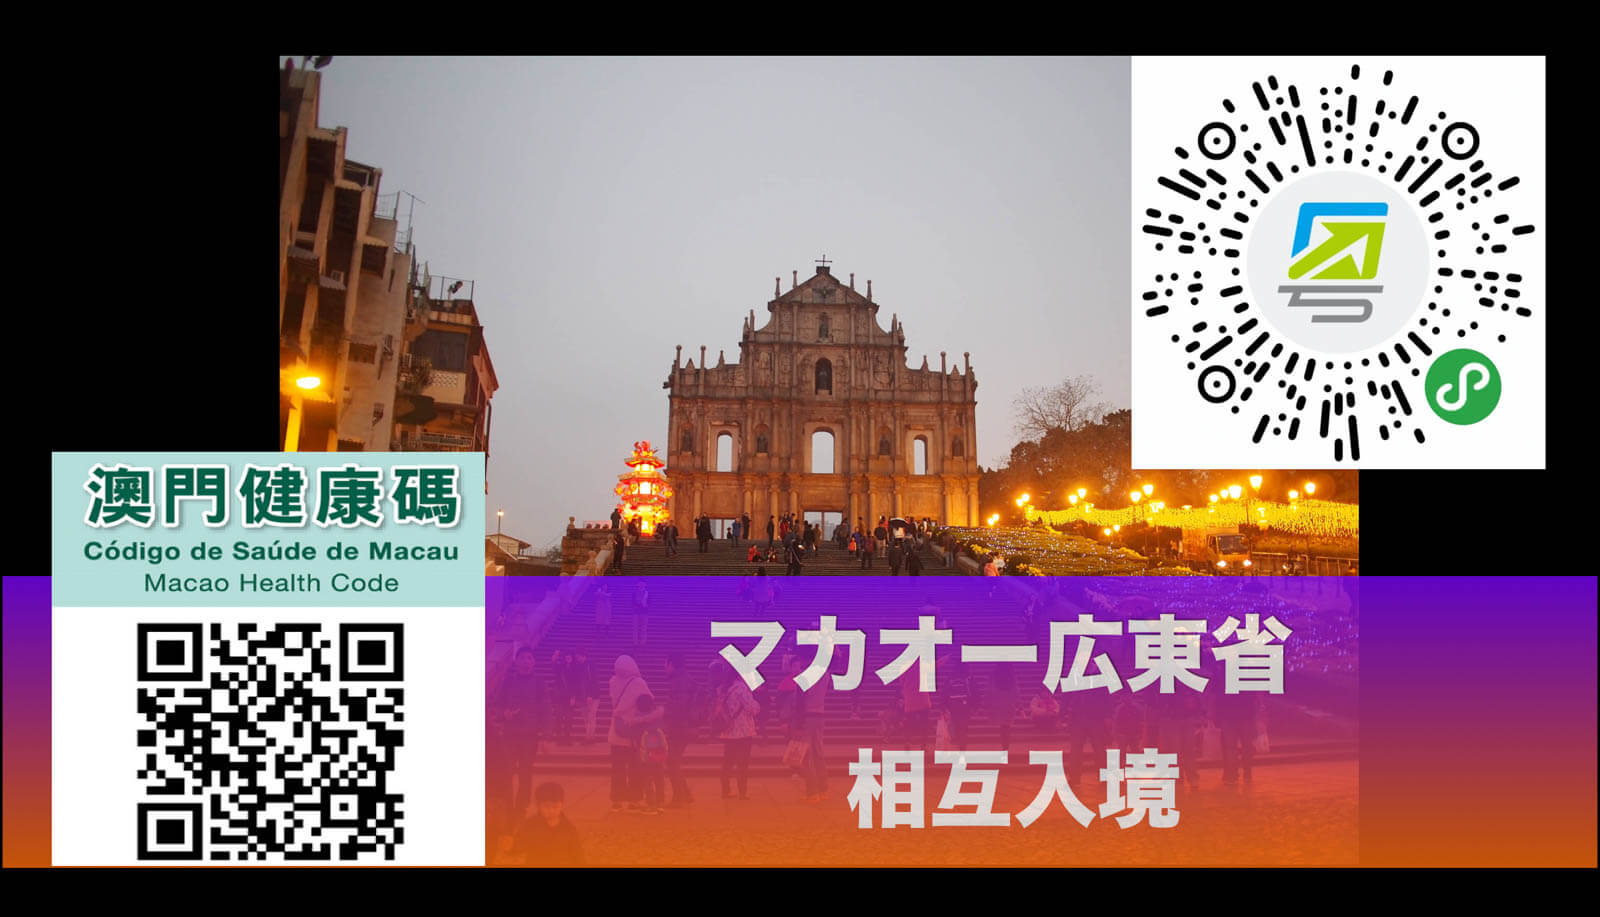 【マカオー広東省】相互入境開始!健康カード登録方法・入境ガイド